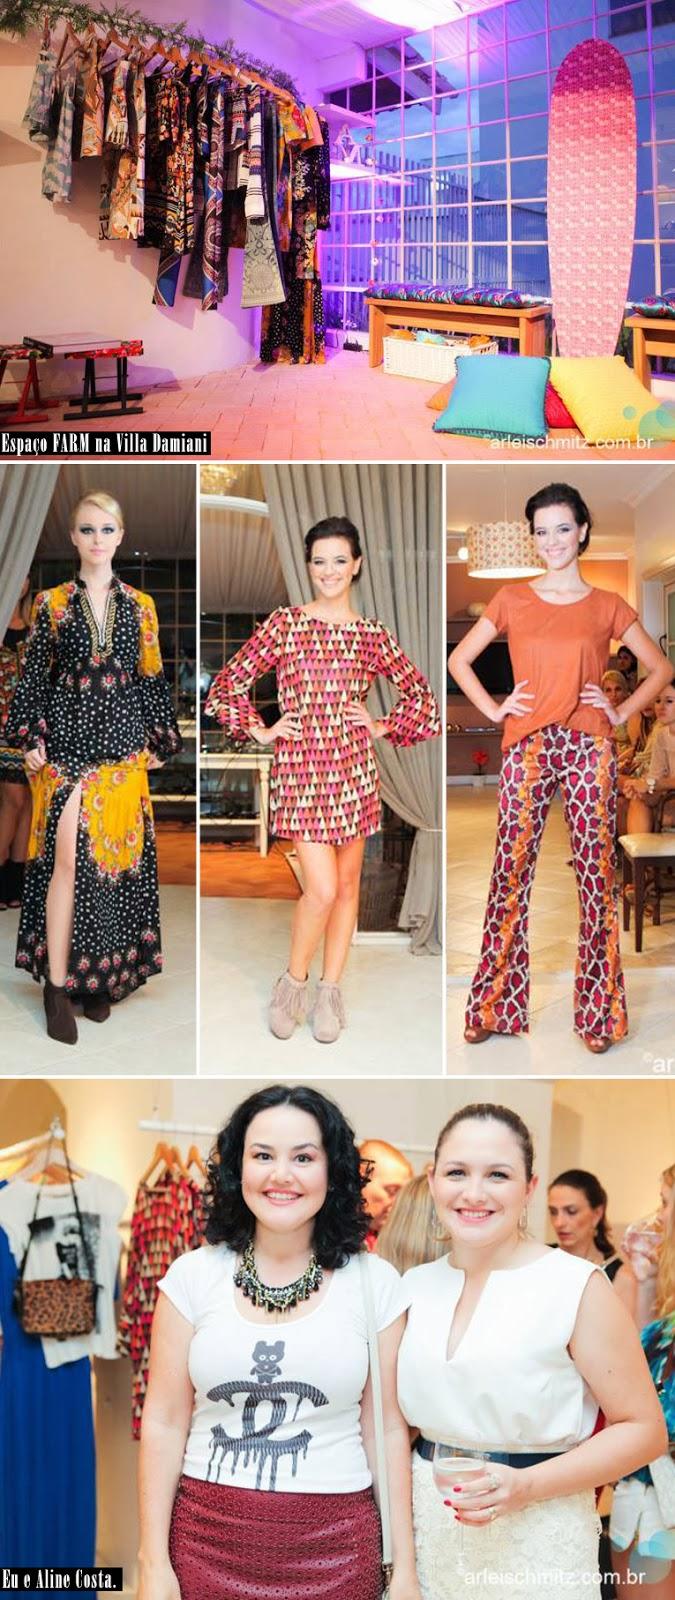 Blog da Jana, Joinville, Moda, Fashion, estilo, Style, villa damiani, couro, renner, maria caviar.